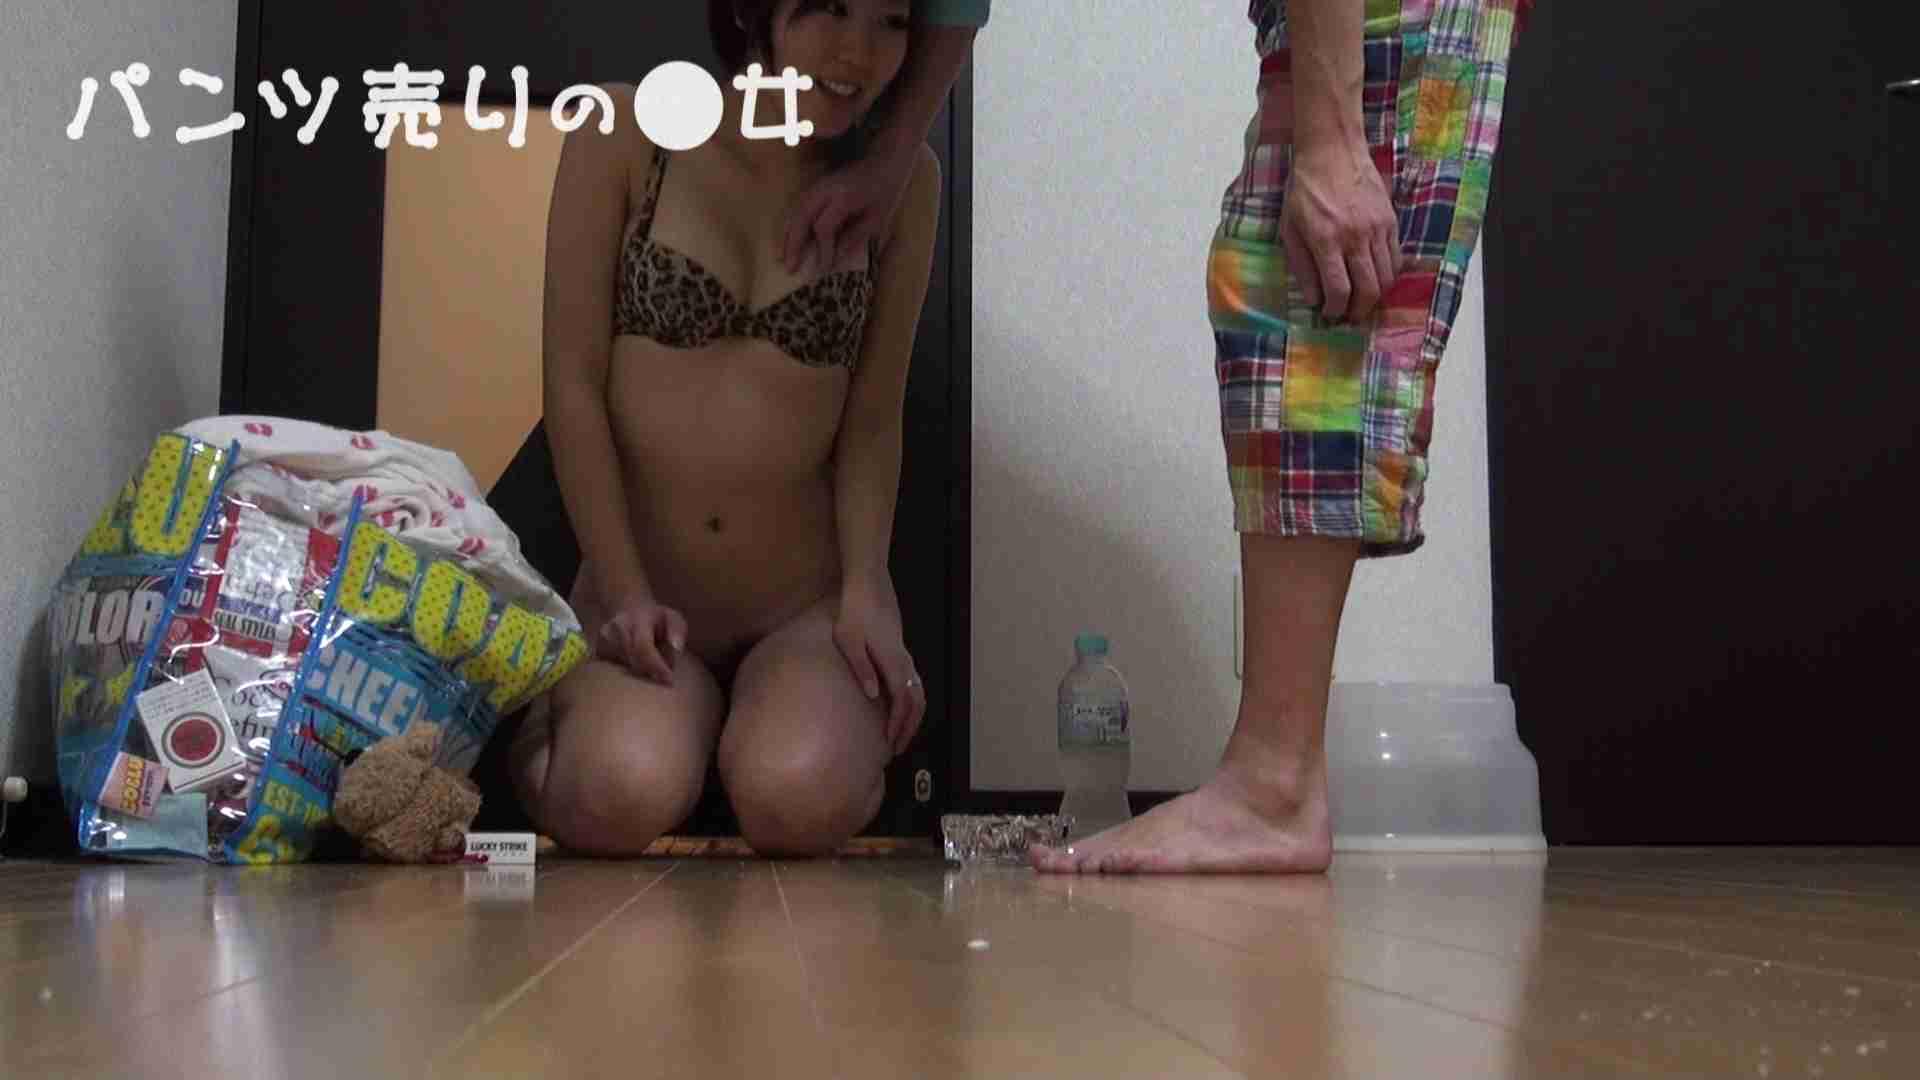 新説 パンツ売りの女の子nana02 一般投稿  74連発 9